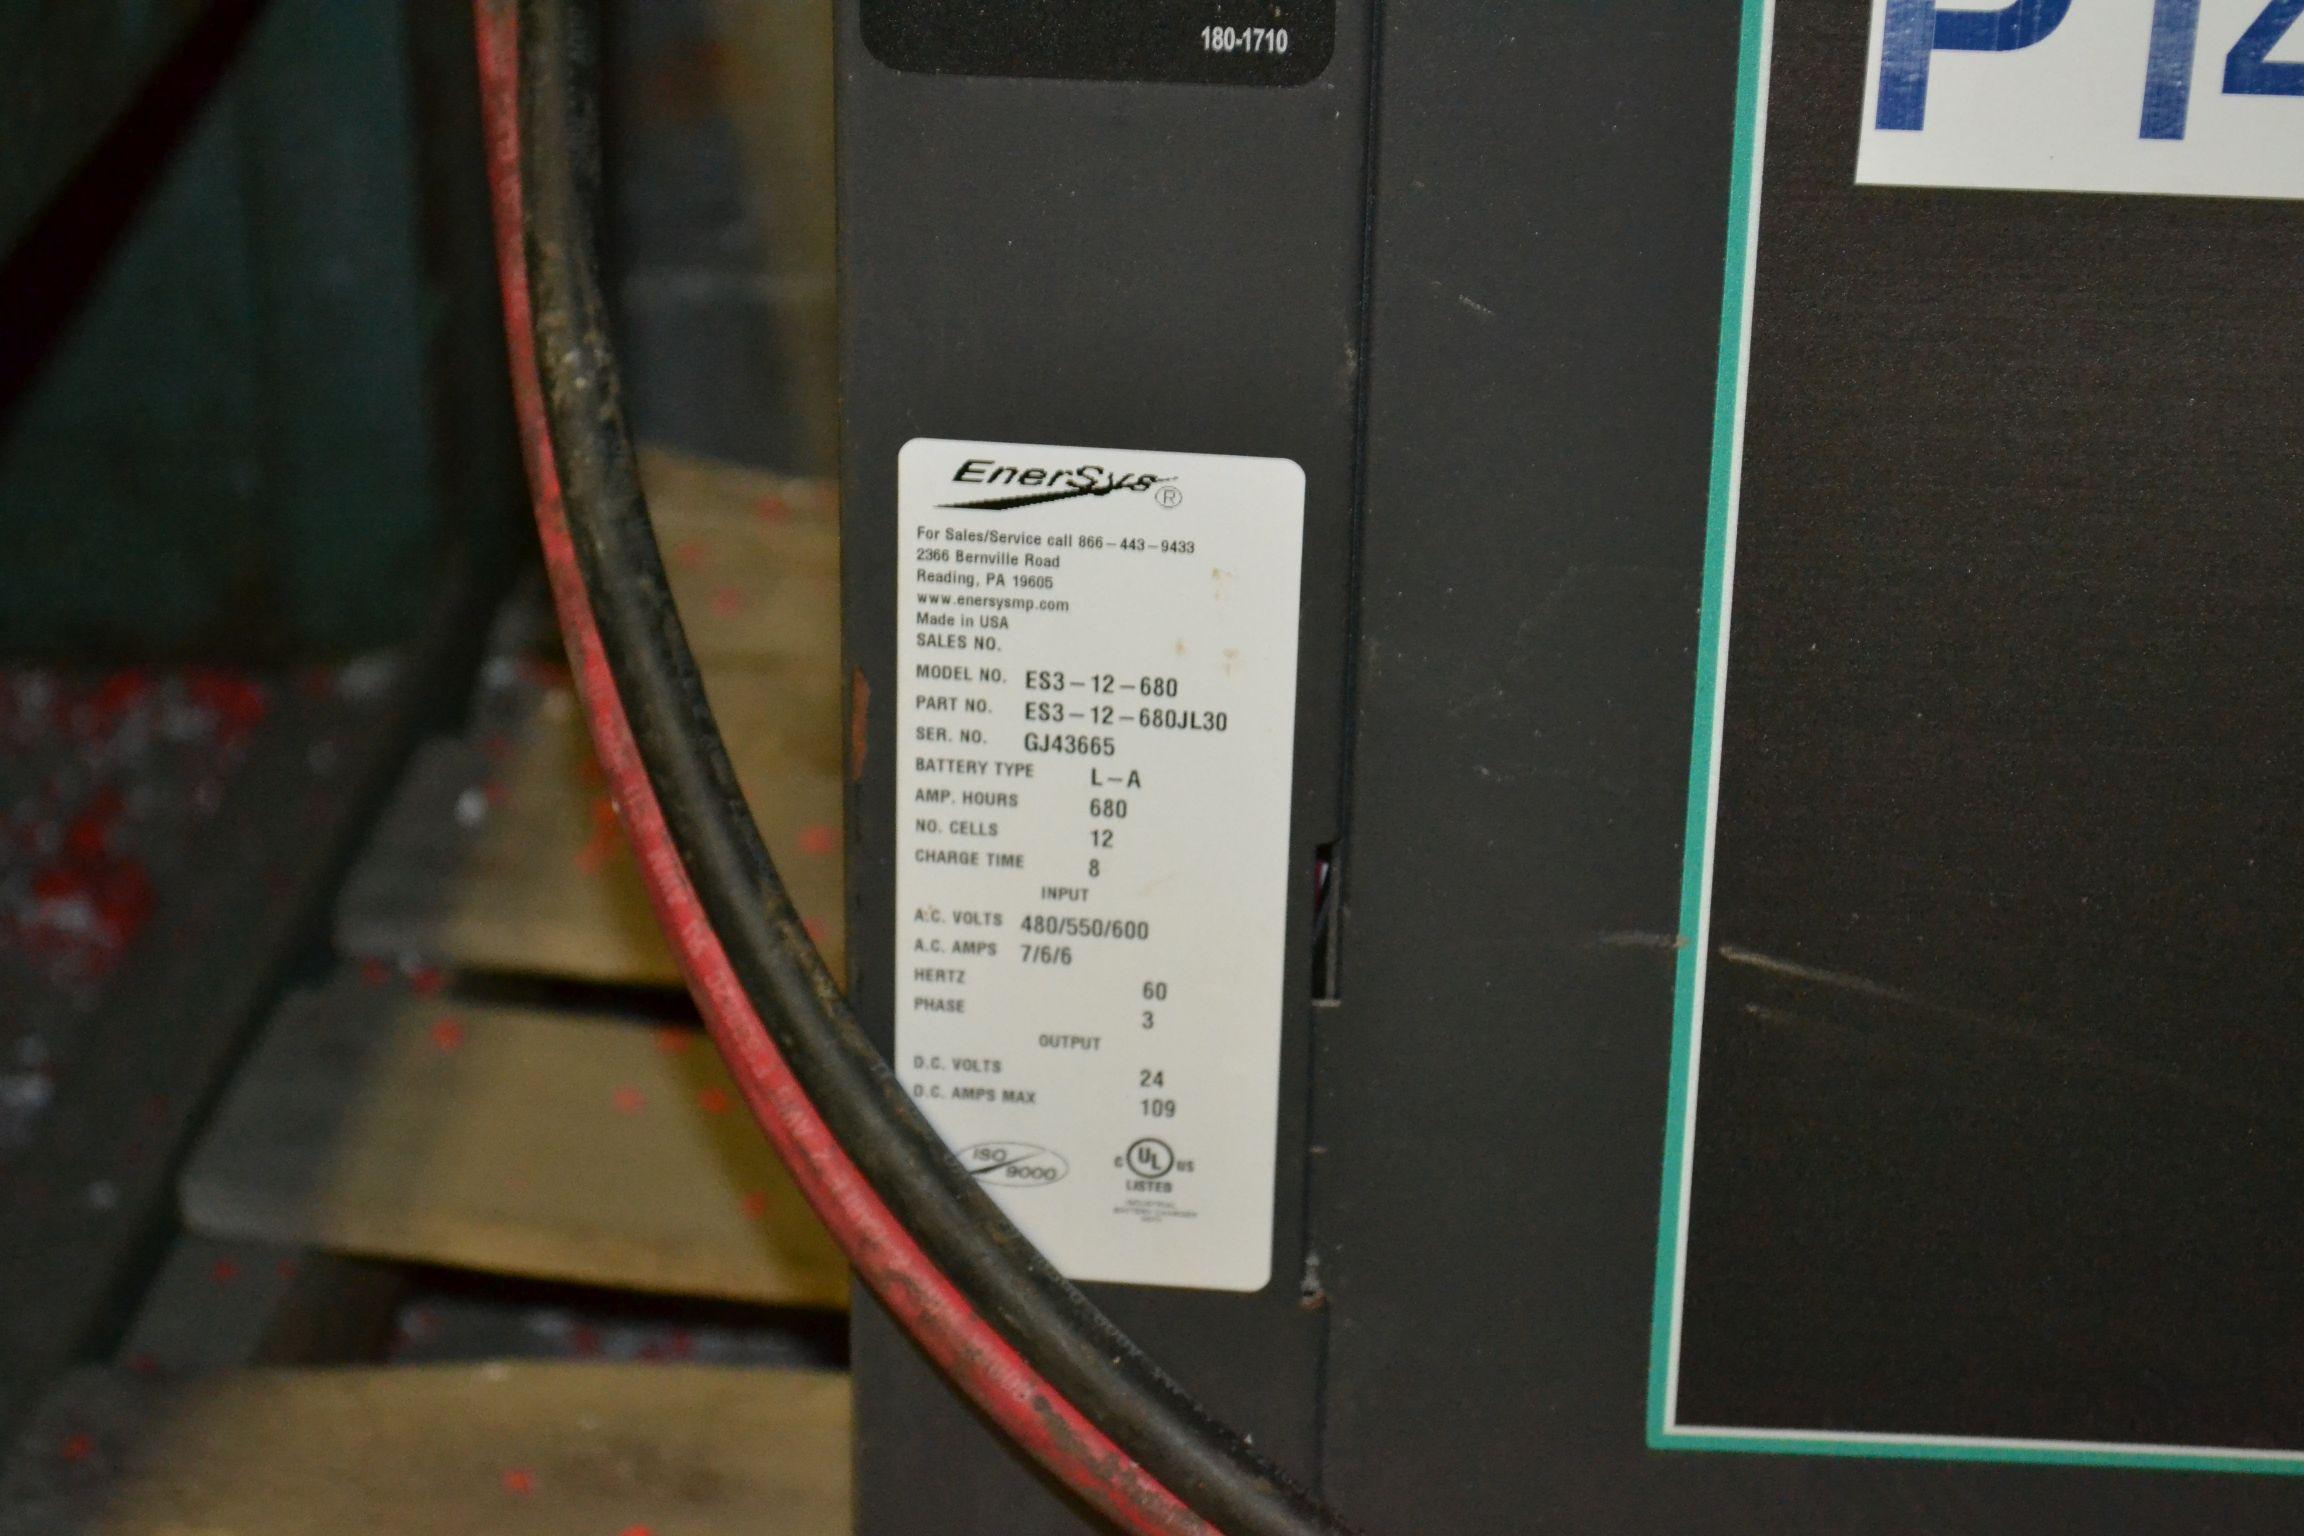 Lot 52 - EnForcer Forklift Battery Charger Model ES3-12-680, 24Volts, input 480/550/600